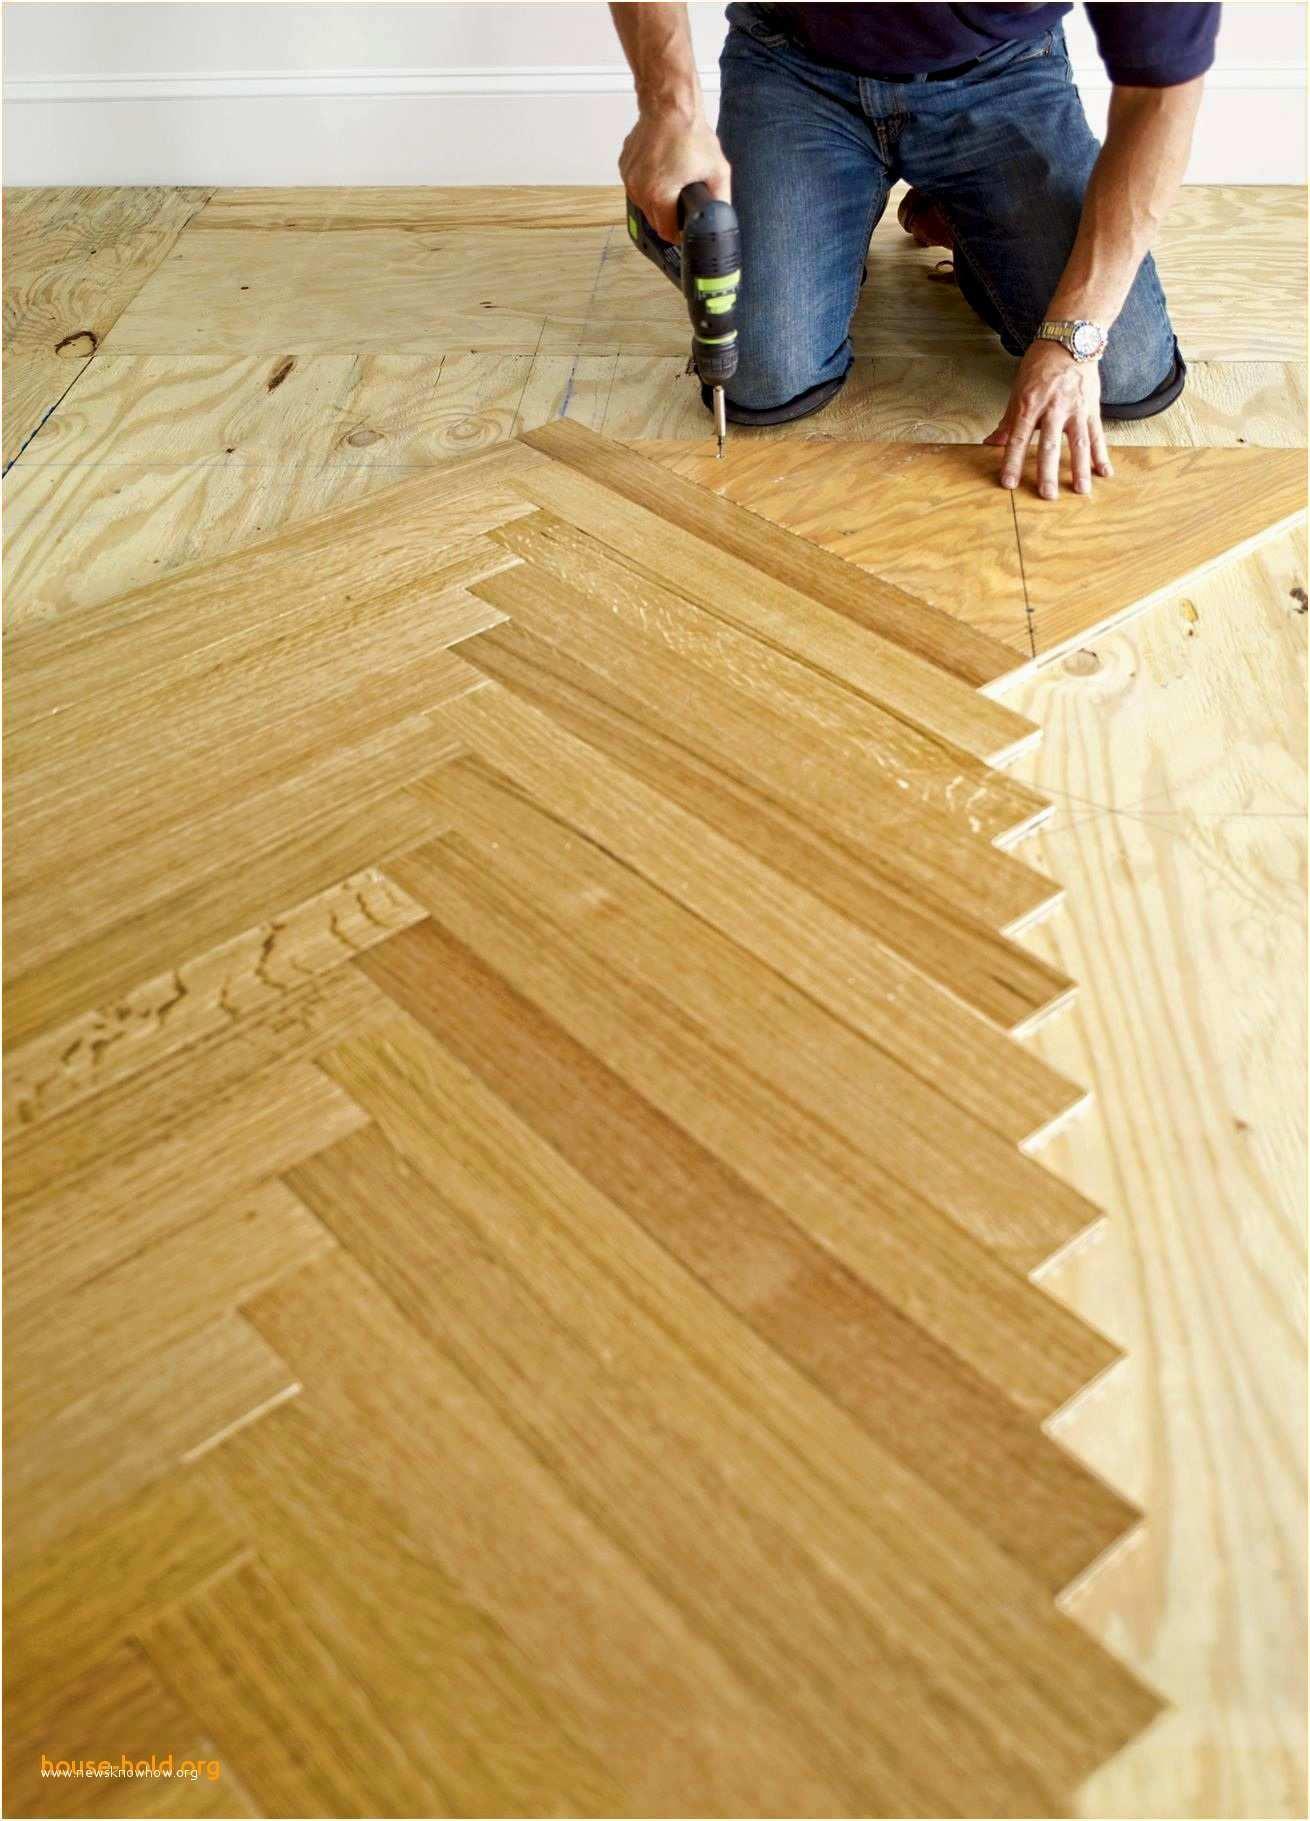 Laminate Flooring Installation Tools Home Depot Laminate Flooring